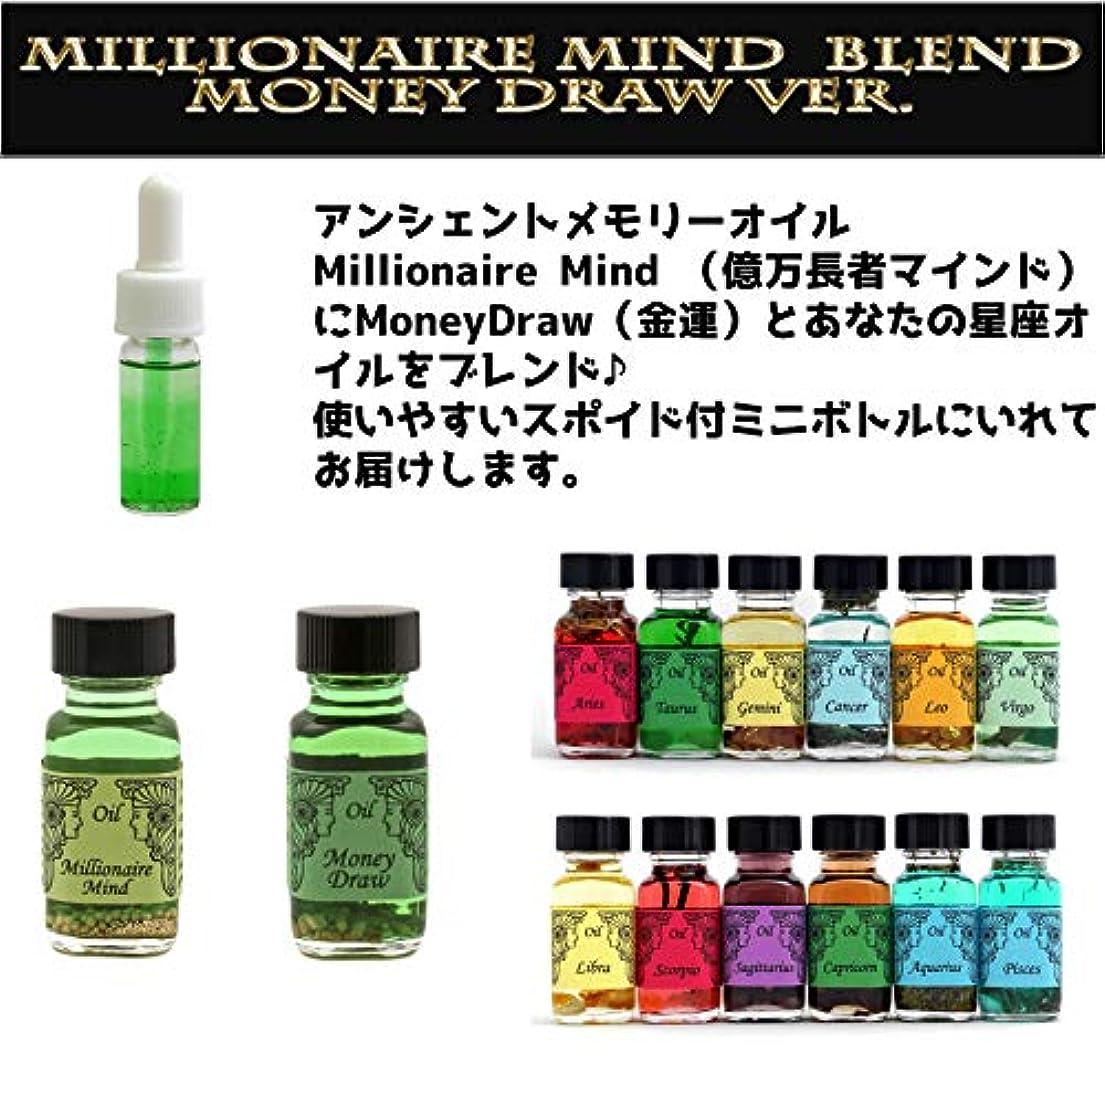 貼り直す食欲ありそうアンシェントメモリーオイル Millionaire Mind 億万長者マインド ブレンド(Money Drawマネードロー(金運)&さそり座